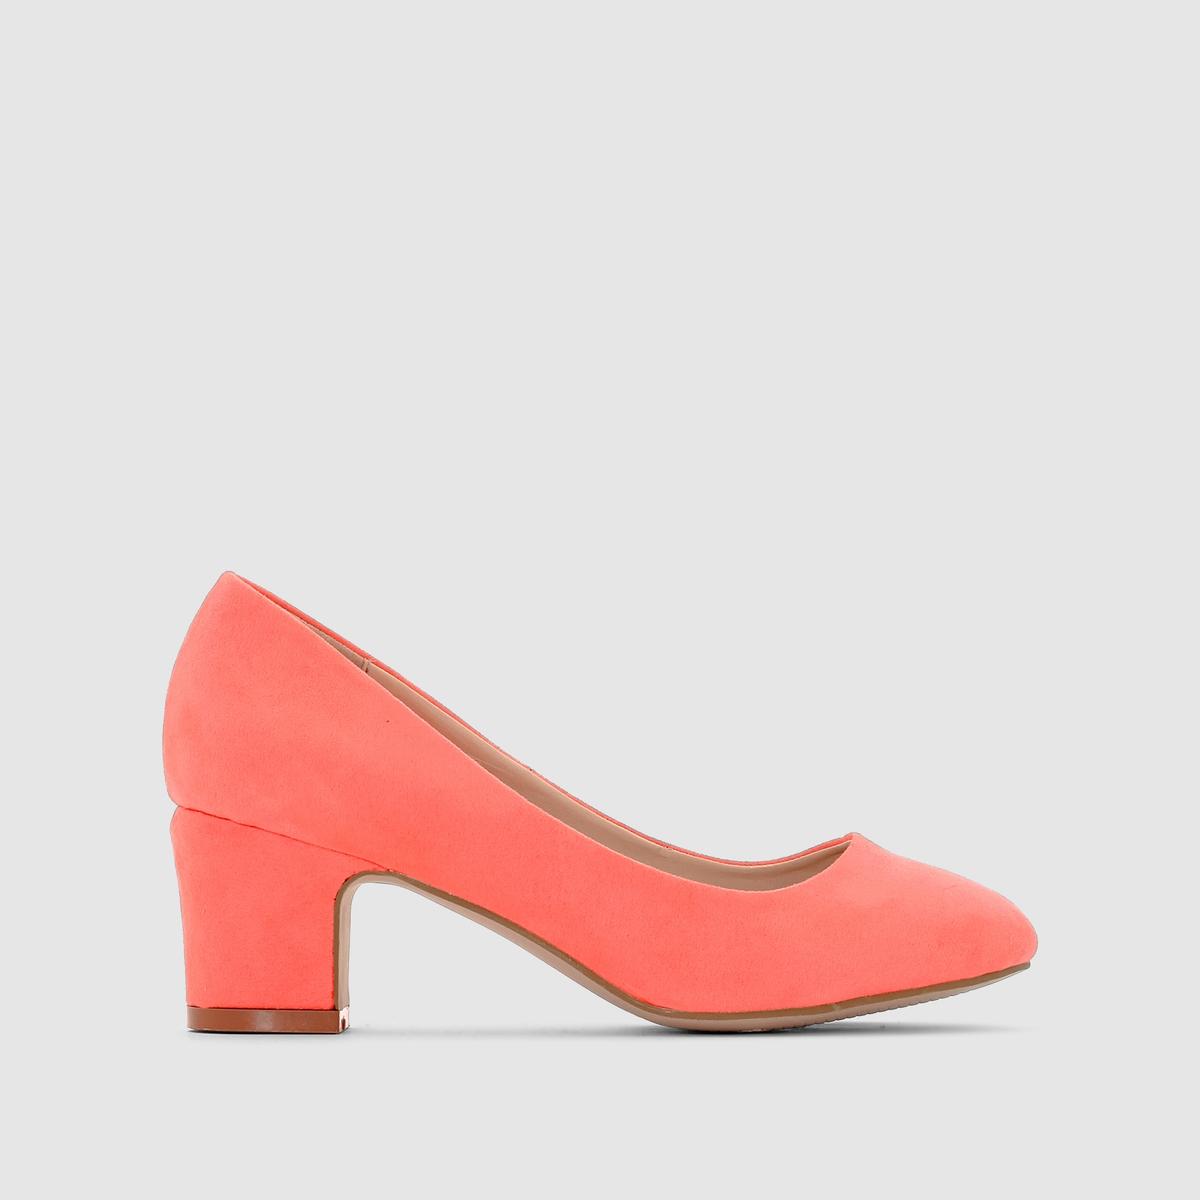 Балетки флуоресцентныеБалетки флуоресцентные MADEMOISELLE RВерх : синтетический материалПодкладка : синтетический материалСтелька : кожа.Подошва : из эластомера.Каблук : 6 см. Мы советуем выбирать обувь на размер больше, чем ваш обычный размер.<br><br>Цвет: ярко-коралловый<br>Размер: 37.39.40.41